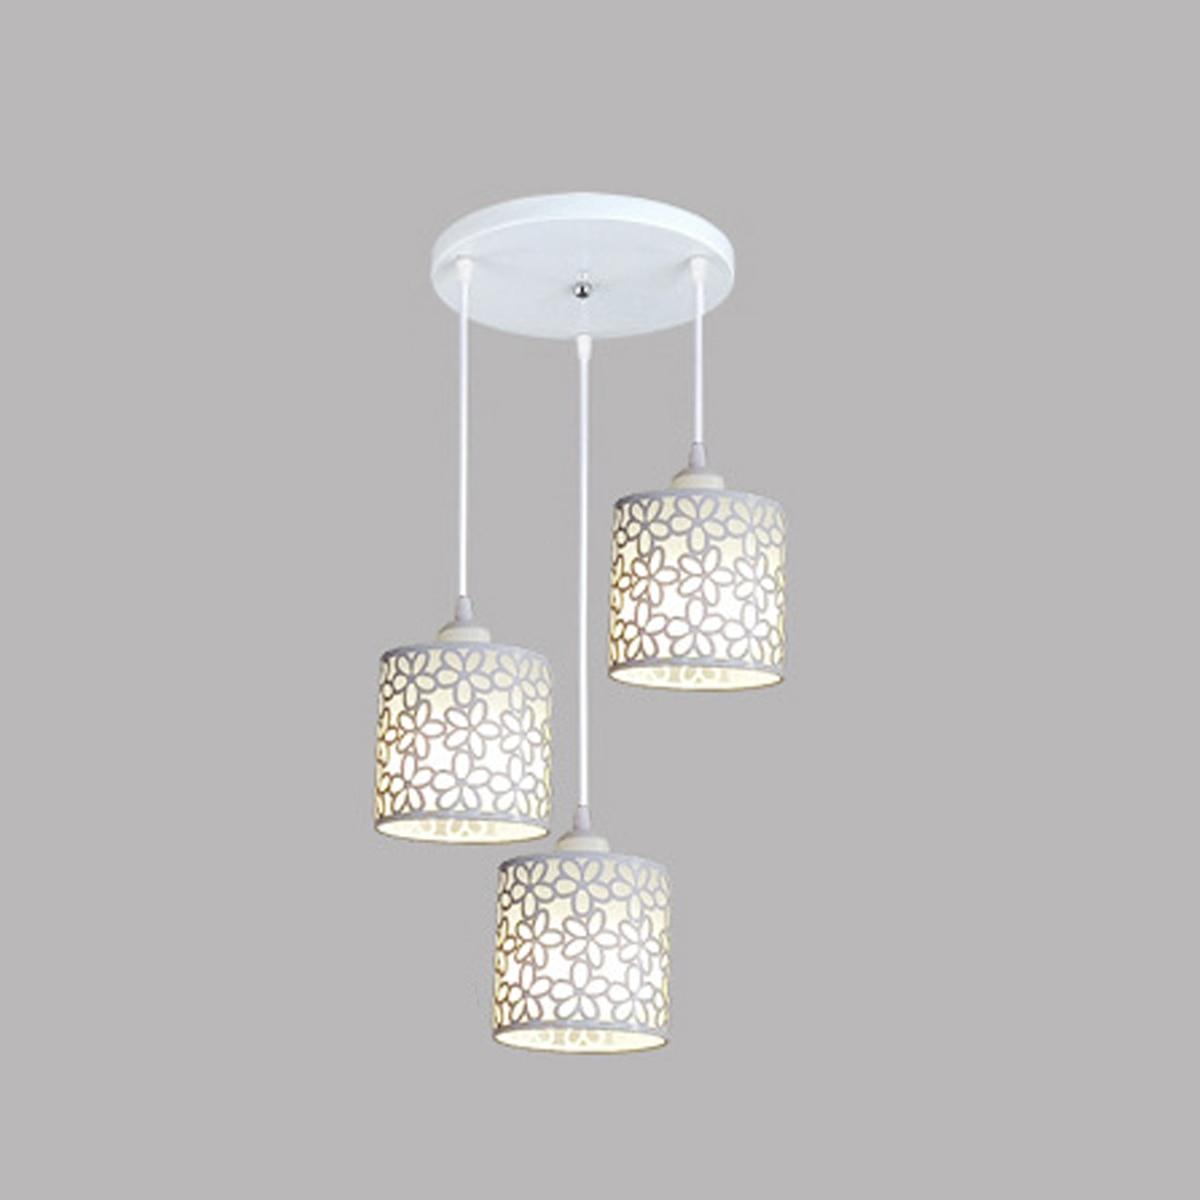 Moderne Nordic LED Anhänger Lichter Leuchten eisen Aushöhlen Hängen Anhänger Lampe Hause Dekoration für Esszimmer Schlafzimmer Shop Bar